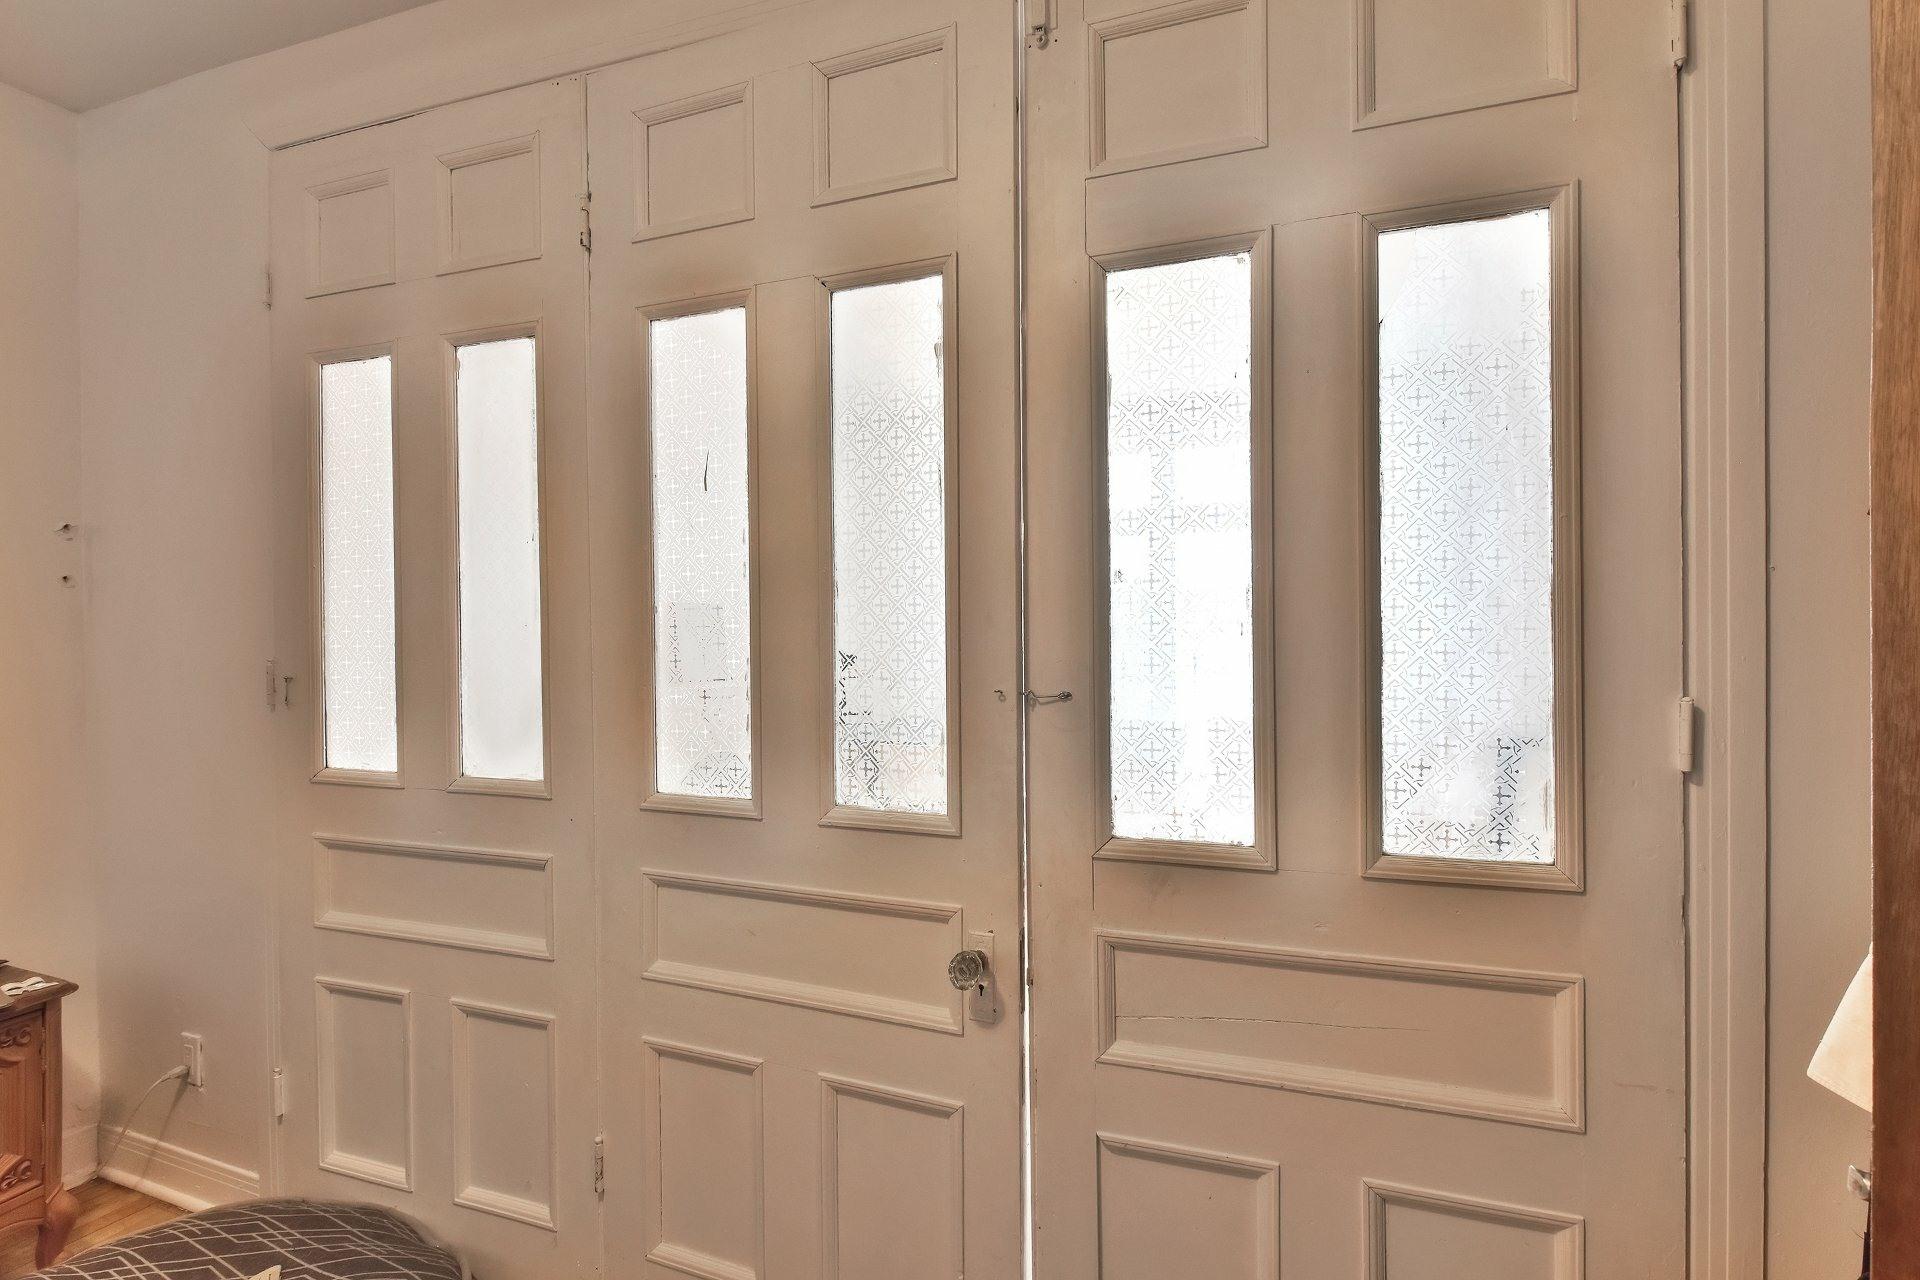 image 8 - Apartment For sale Montréal Côte-des-Neiges/Notre-Dame-de-Grâce  - 7 rooms